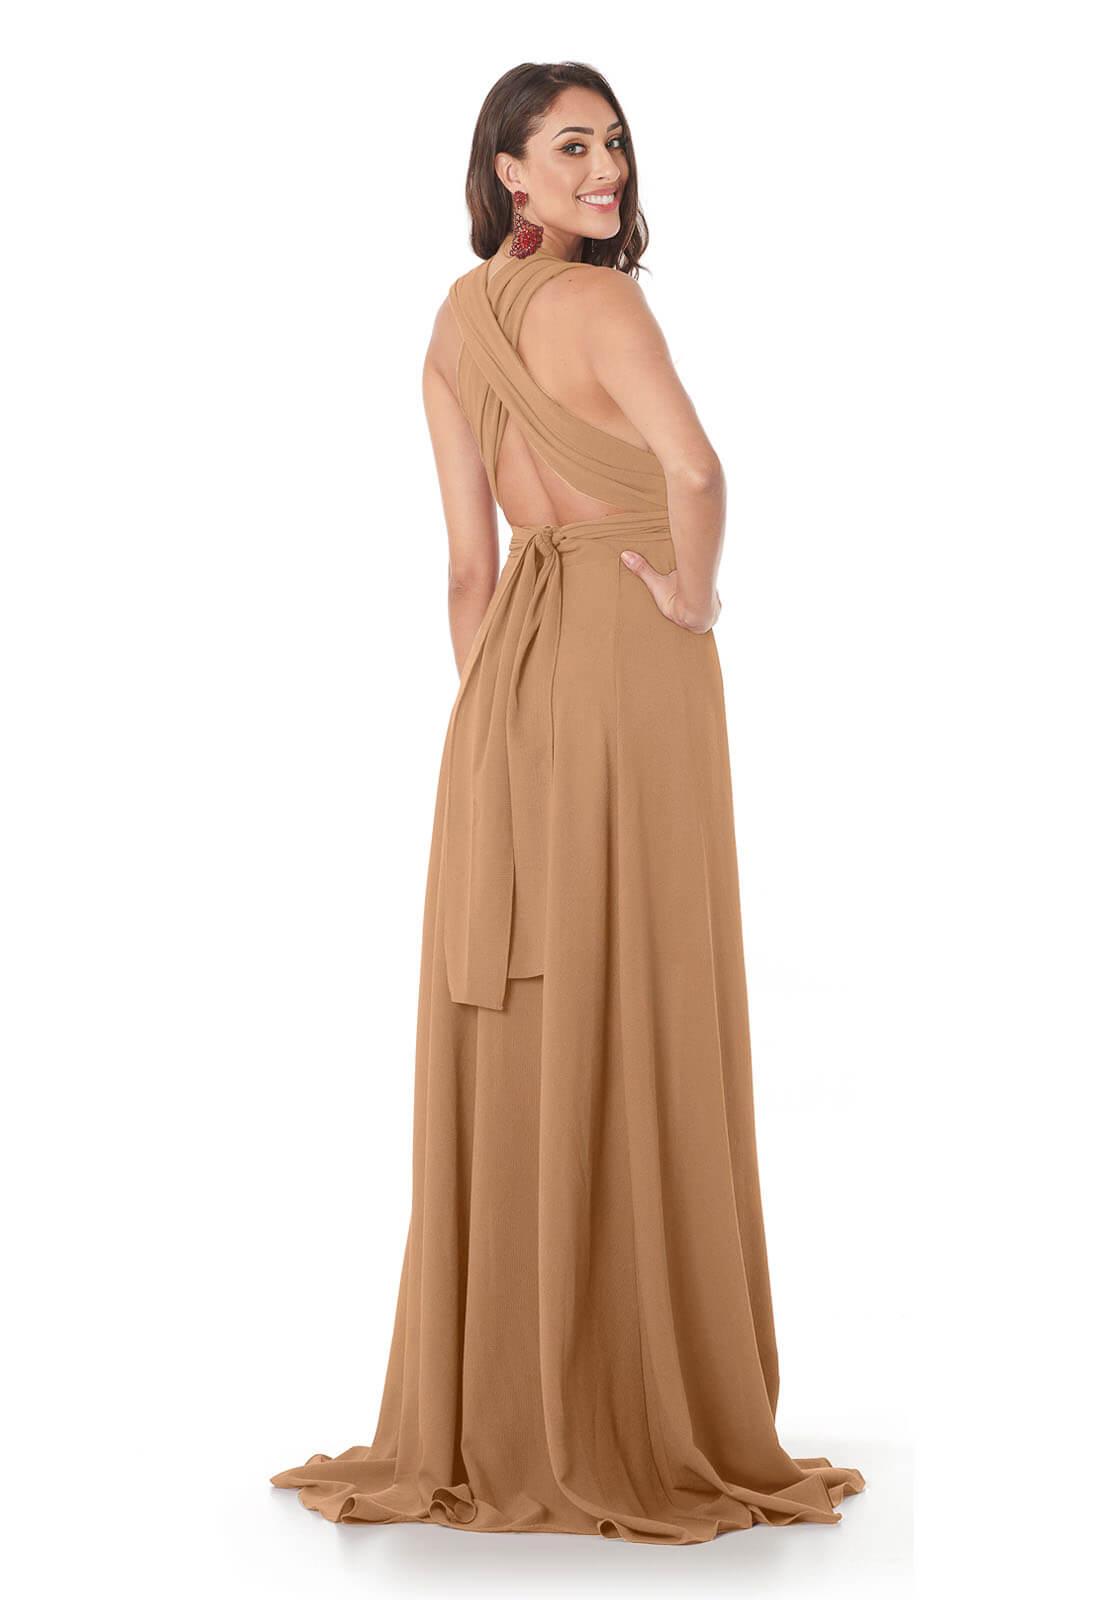 Vestido Longo Mil Formas Nude Lala Dubi